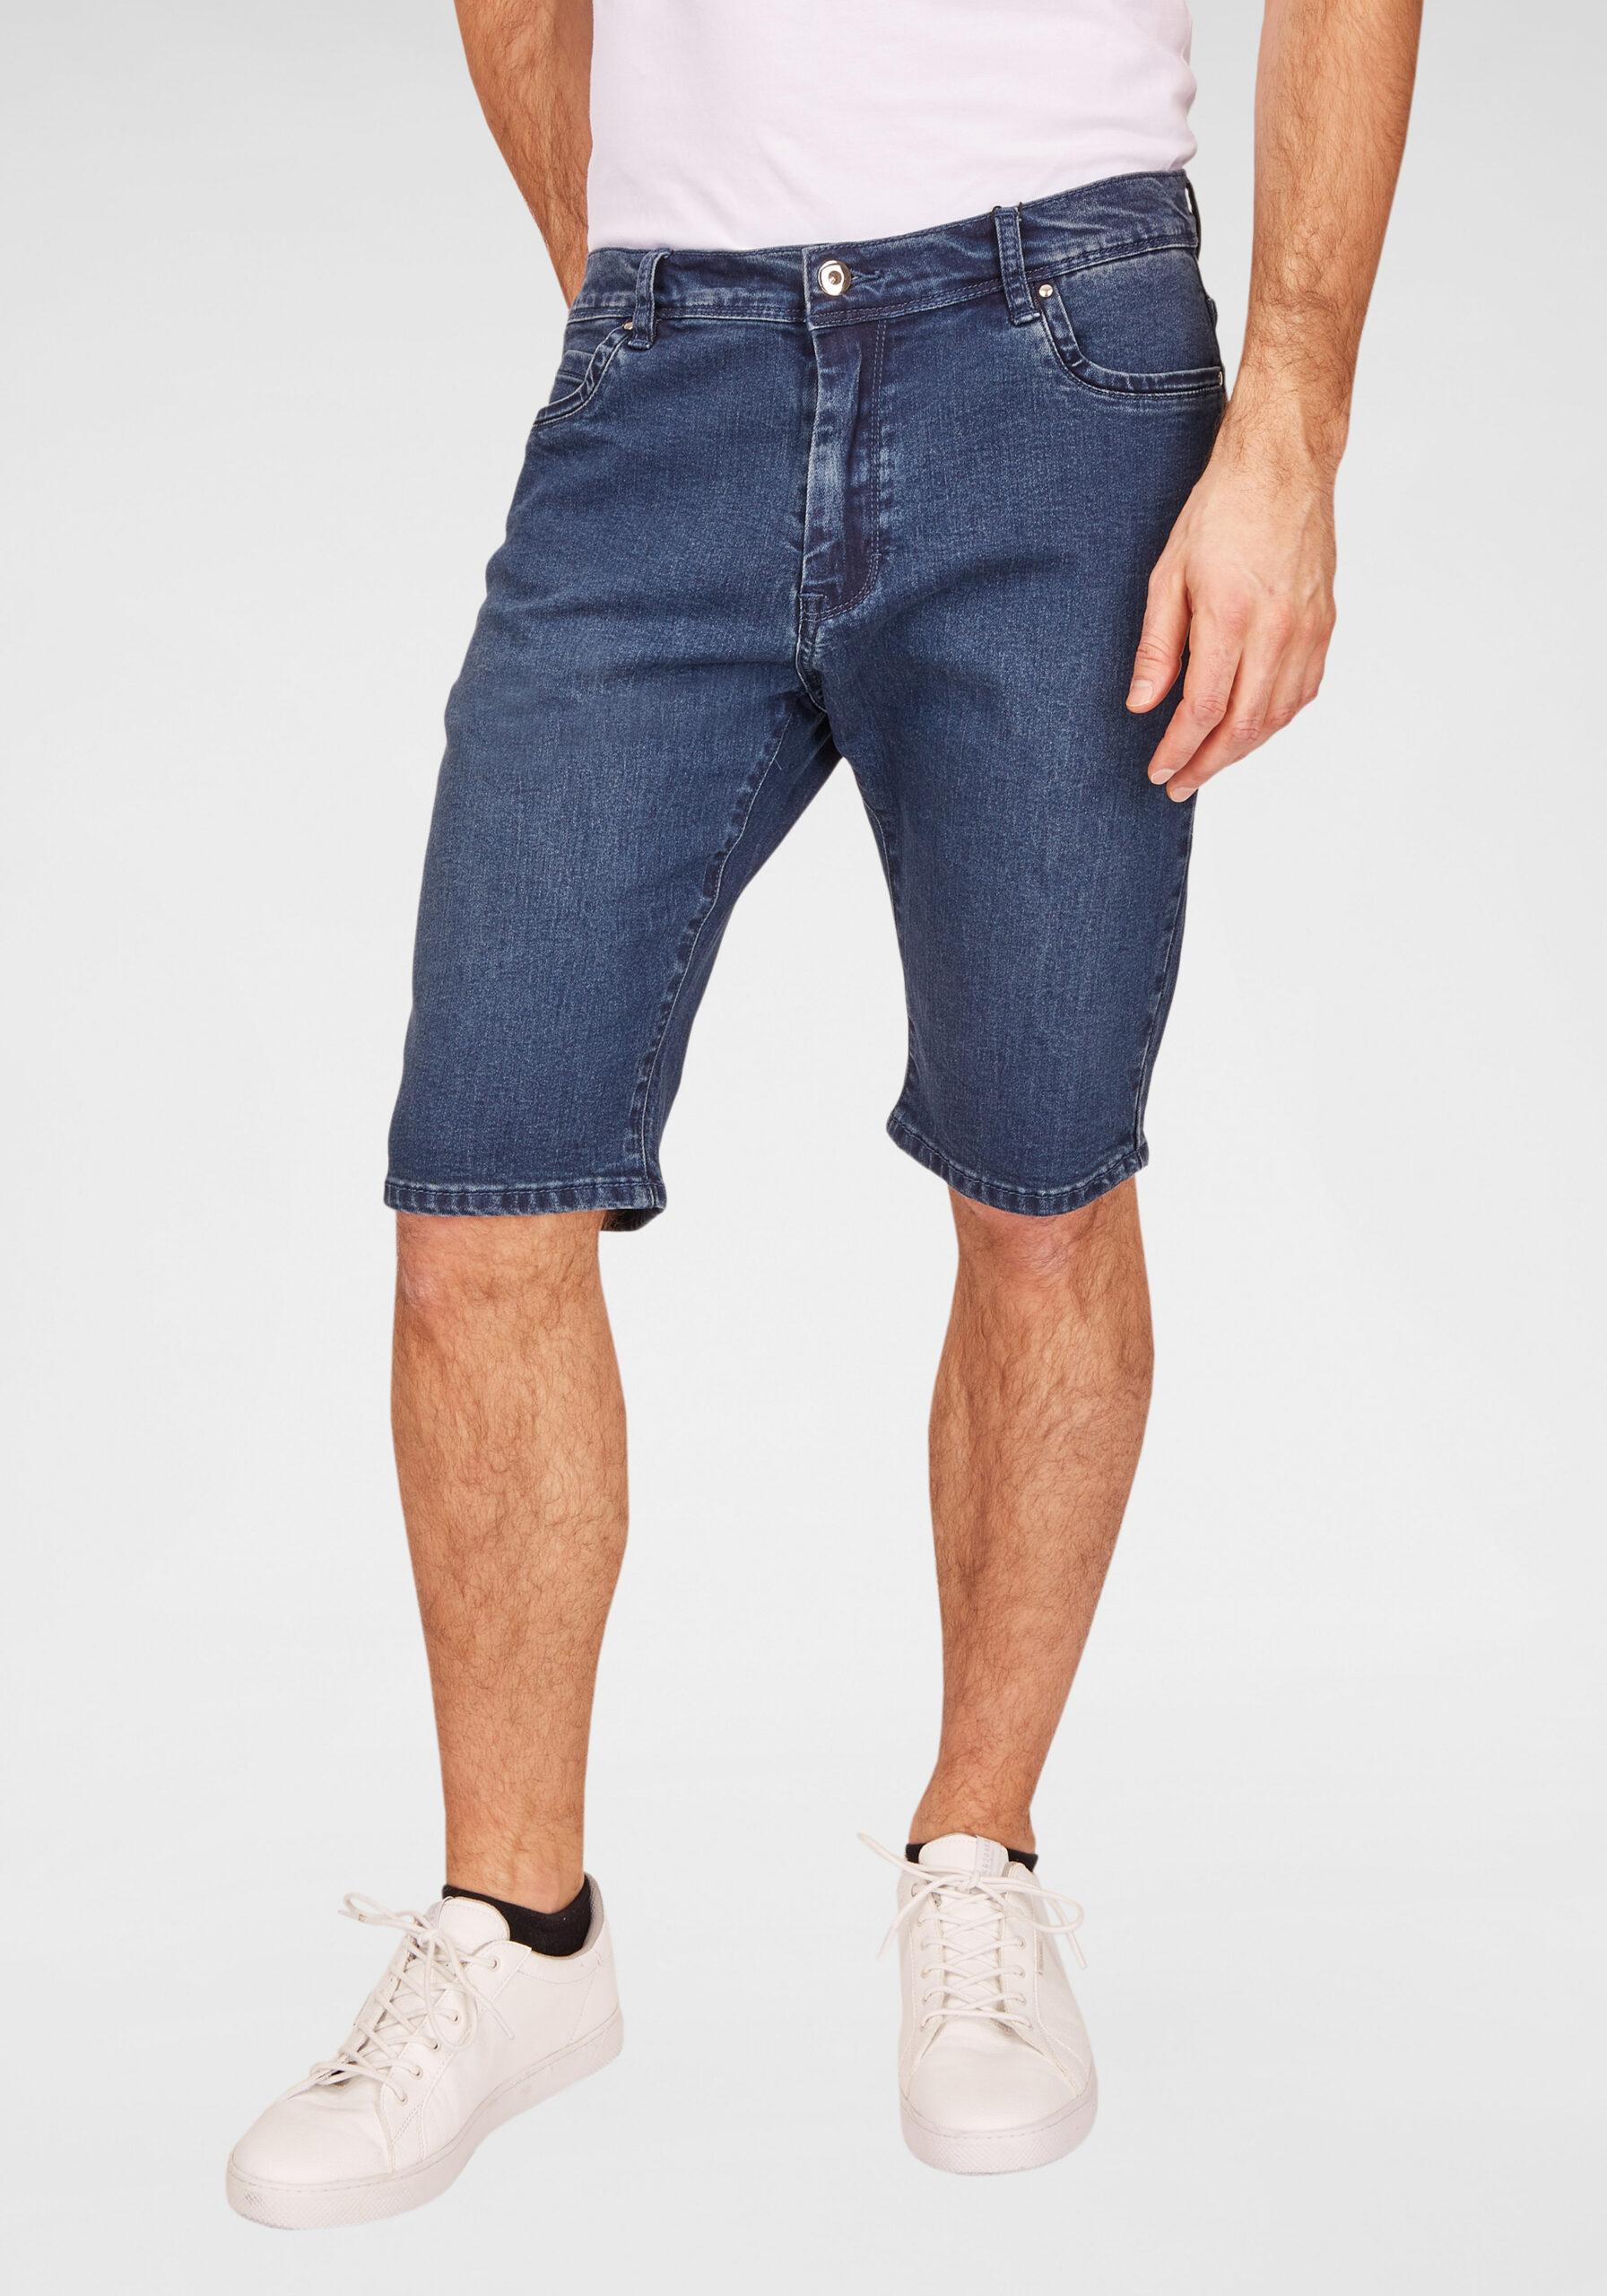 Herren Jeans Shorts blau